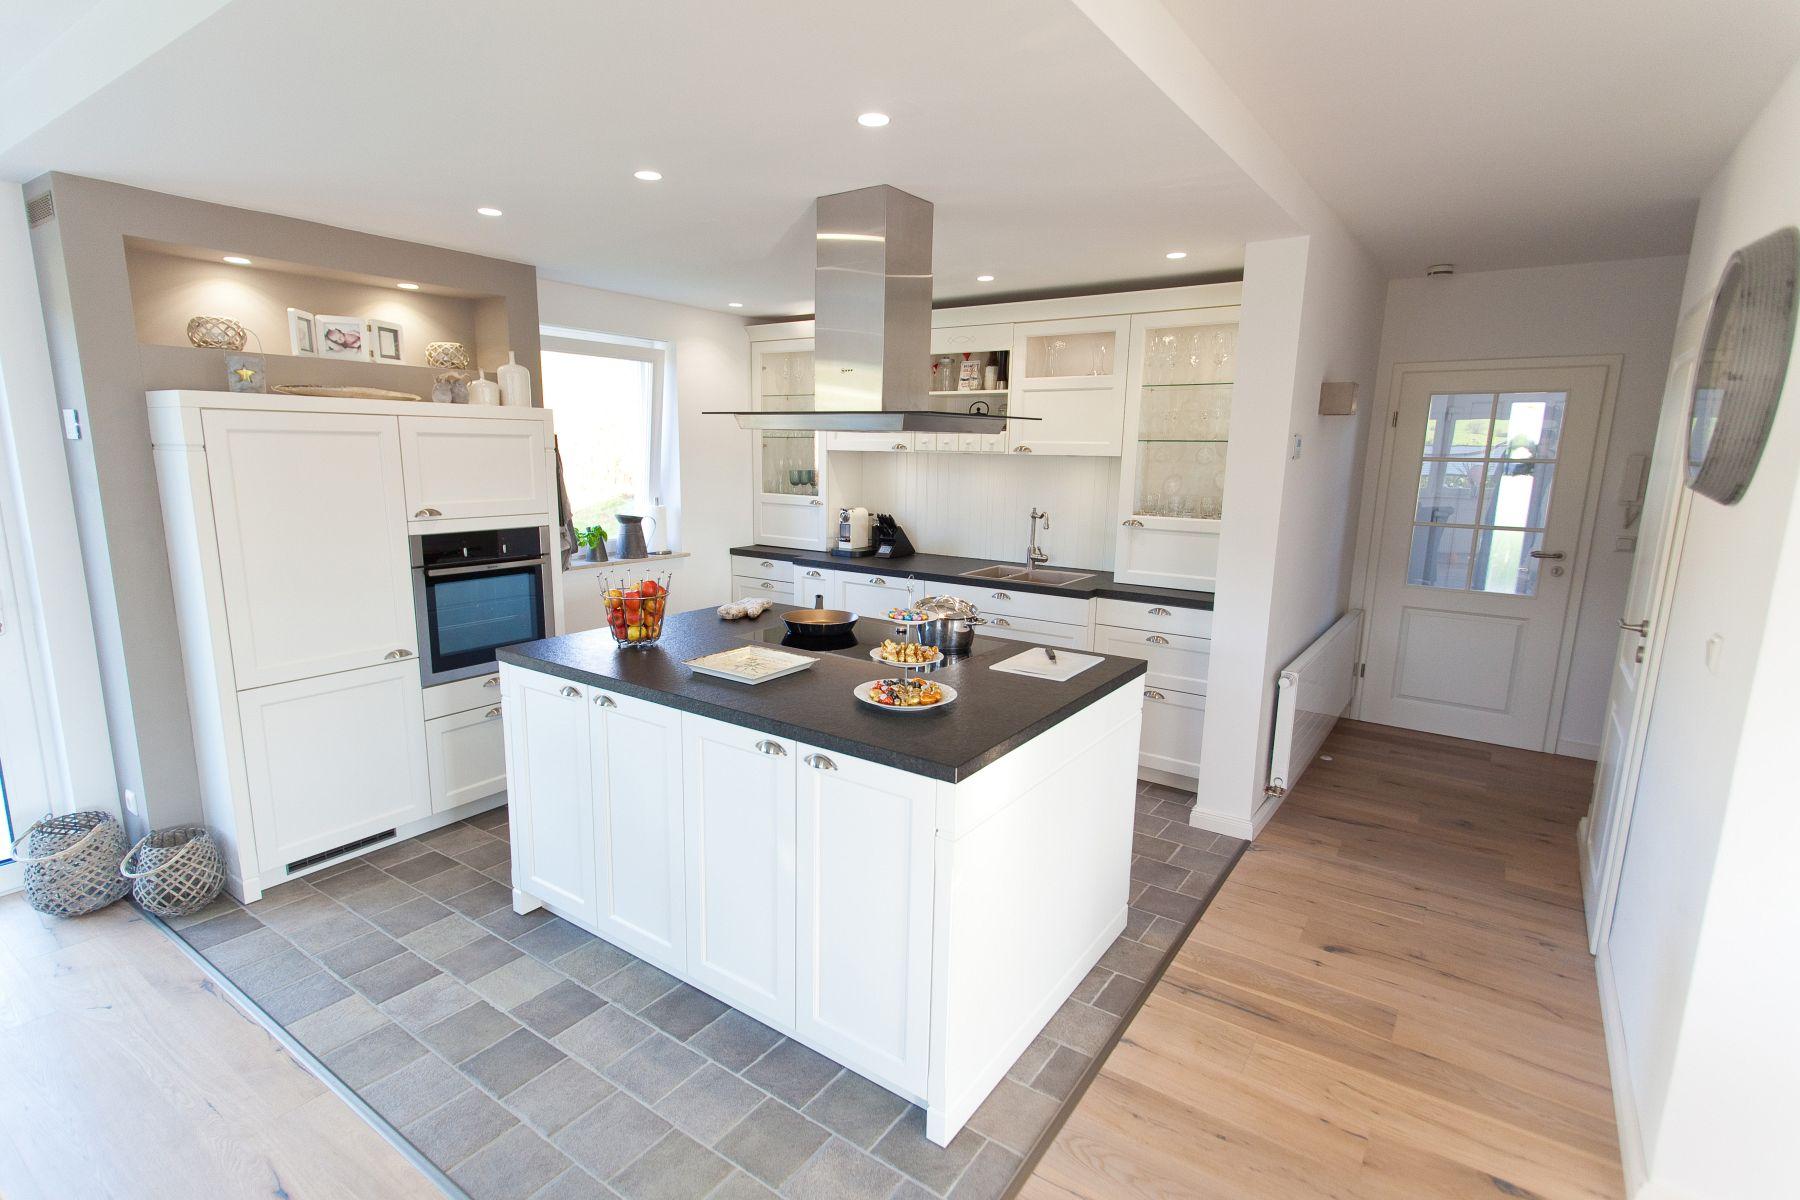 Kuche mit edelstahl arbeitsplatte for Küche mit edelstahl arbeitsplatte